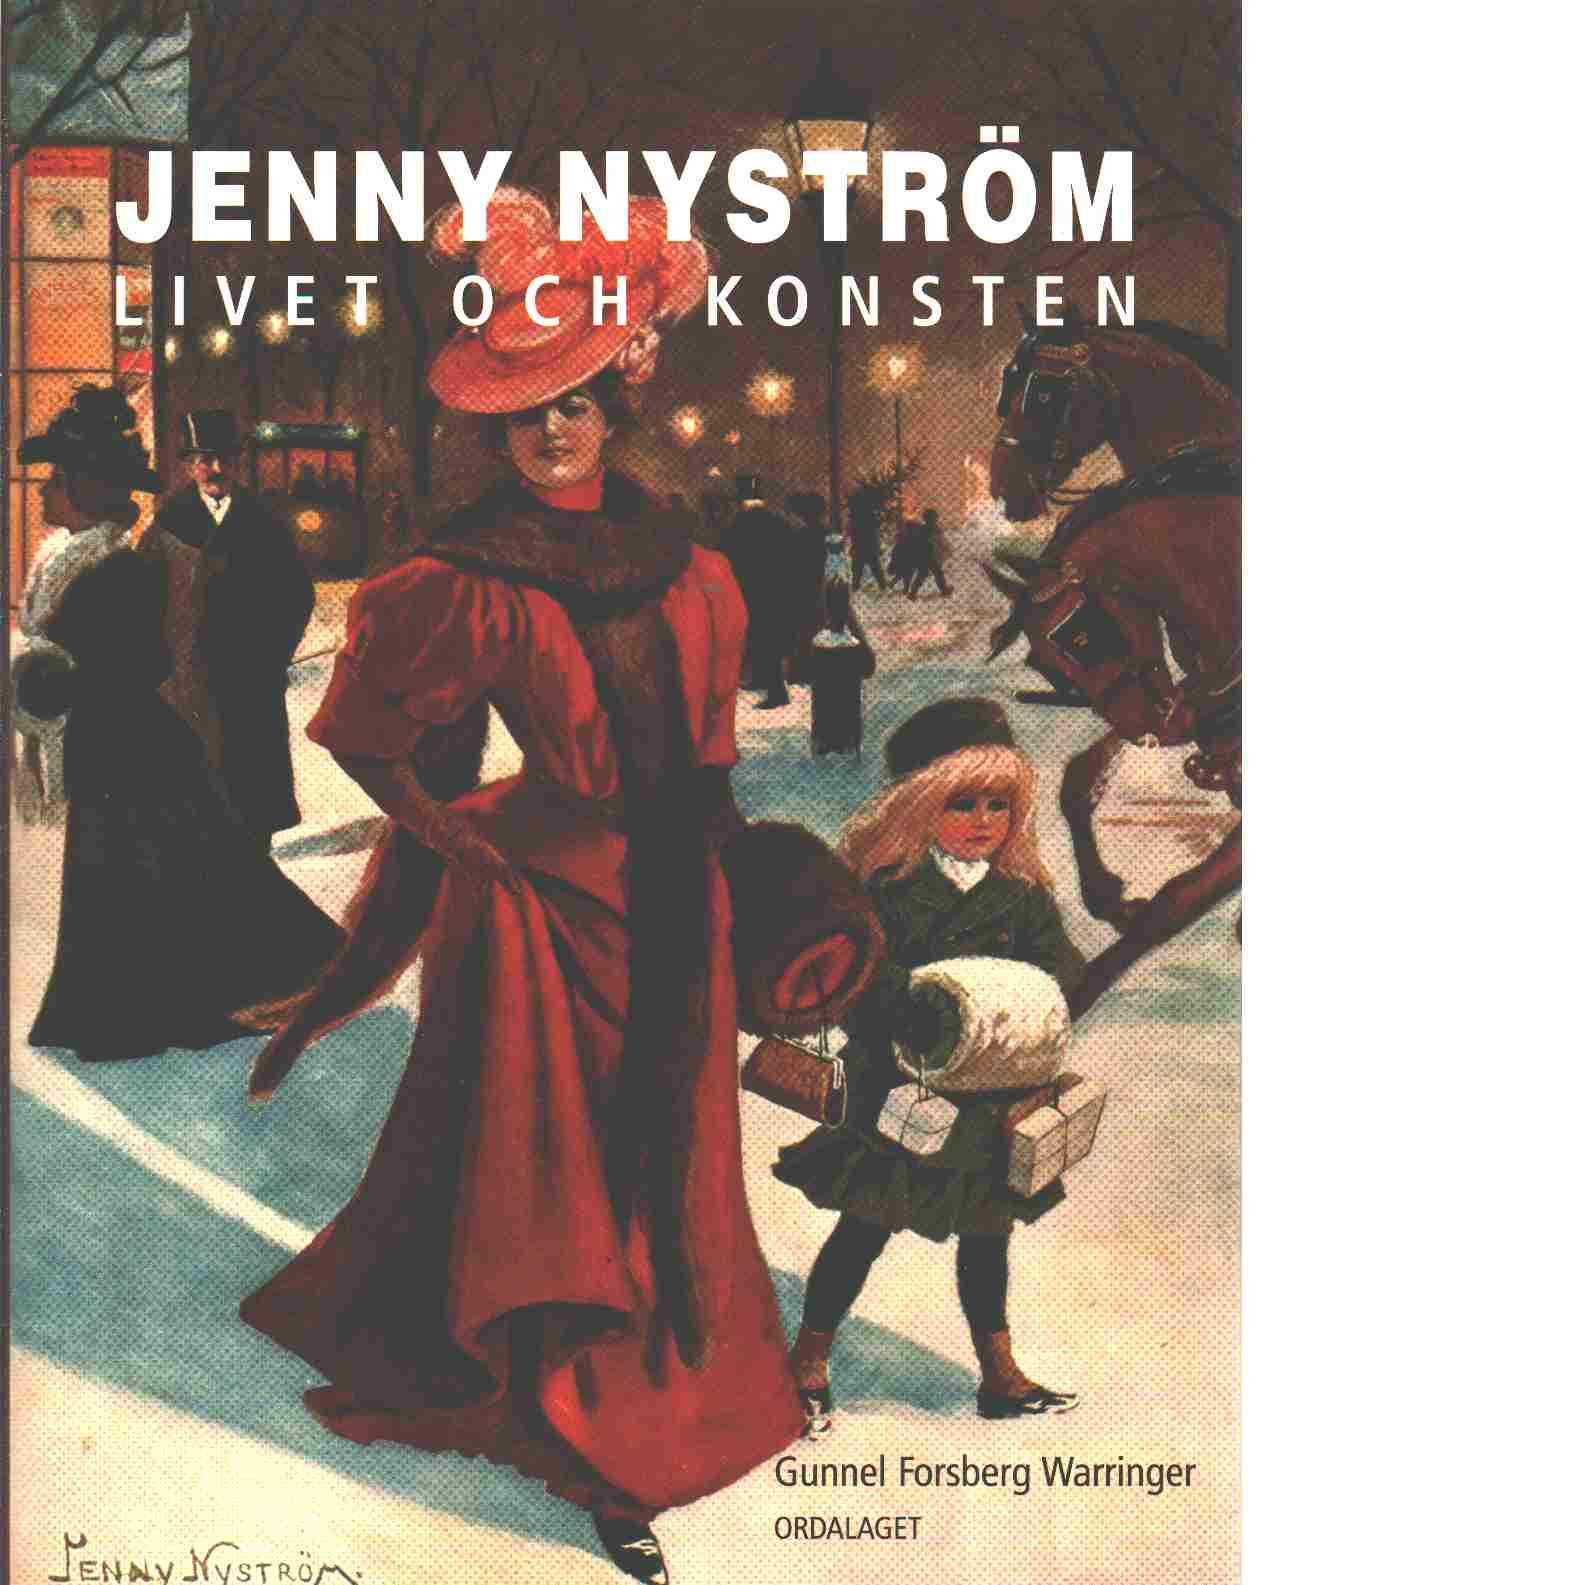 Jenny Nyström : livet och konsten - Forsberg Warringer, Gunnel